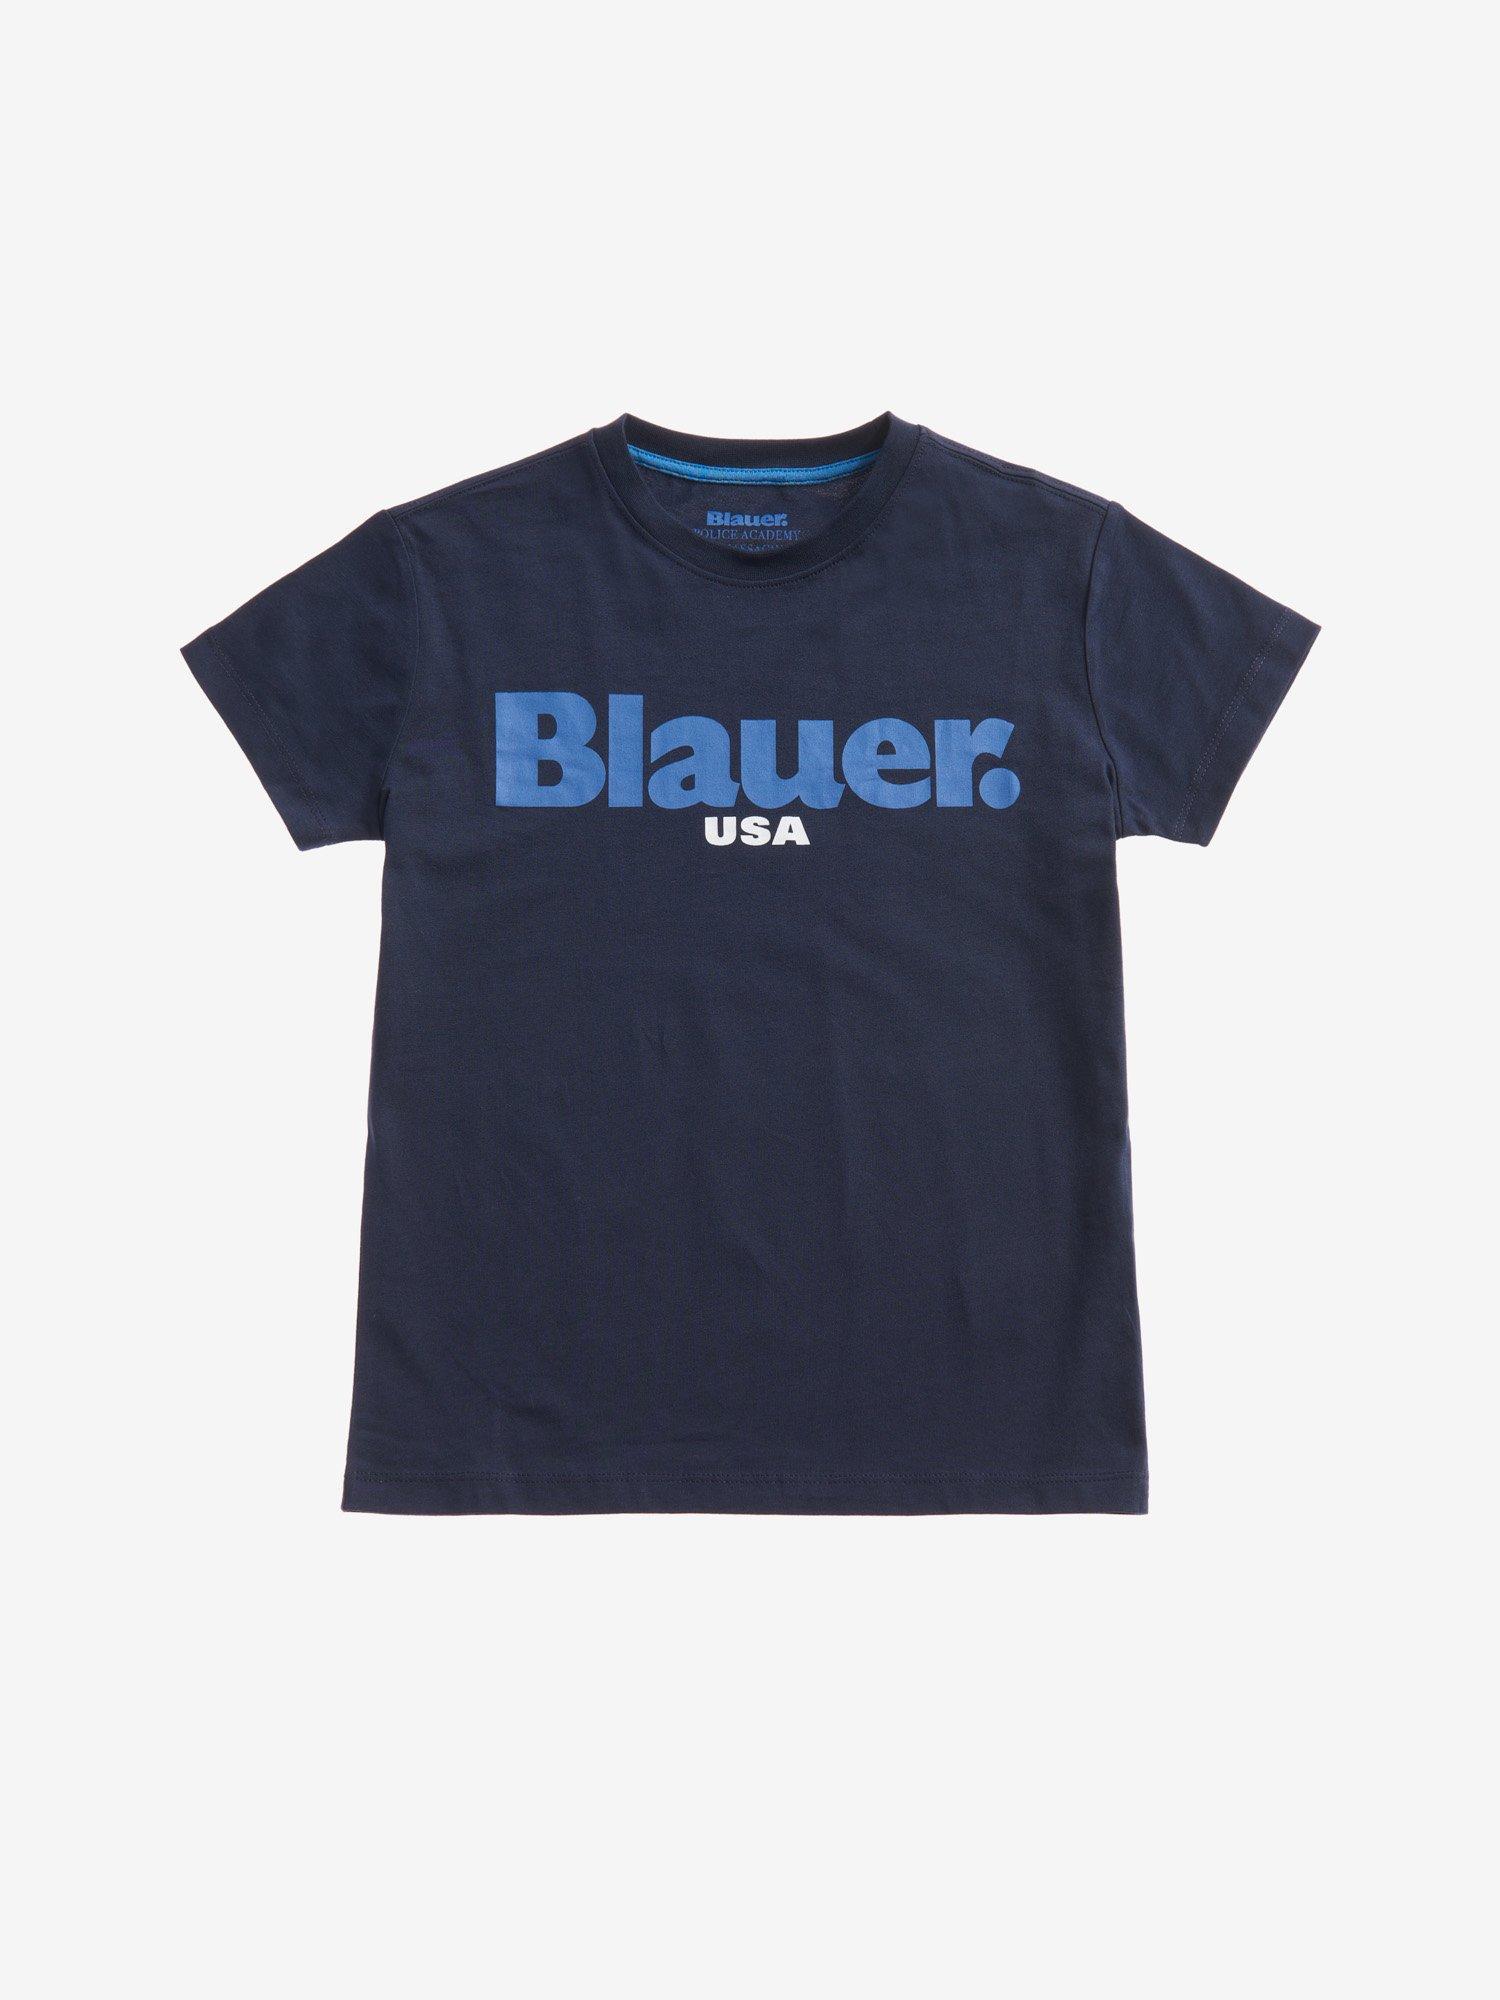 Blauer - BLAUER USA T-SHIRT - Dark Sapphire - Blauer